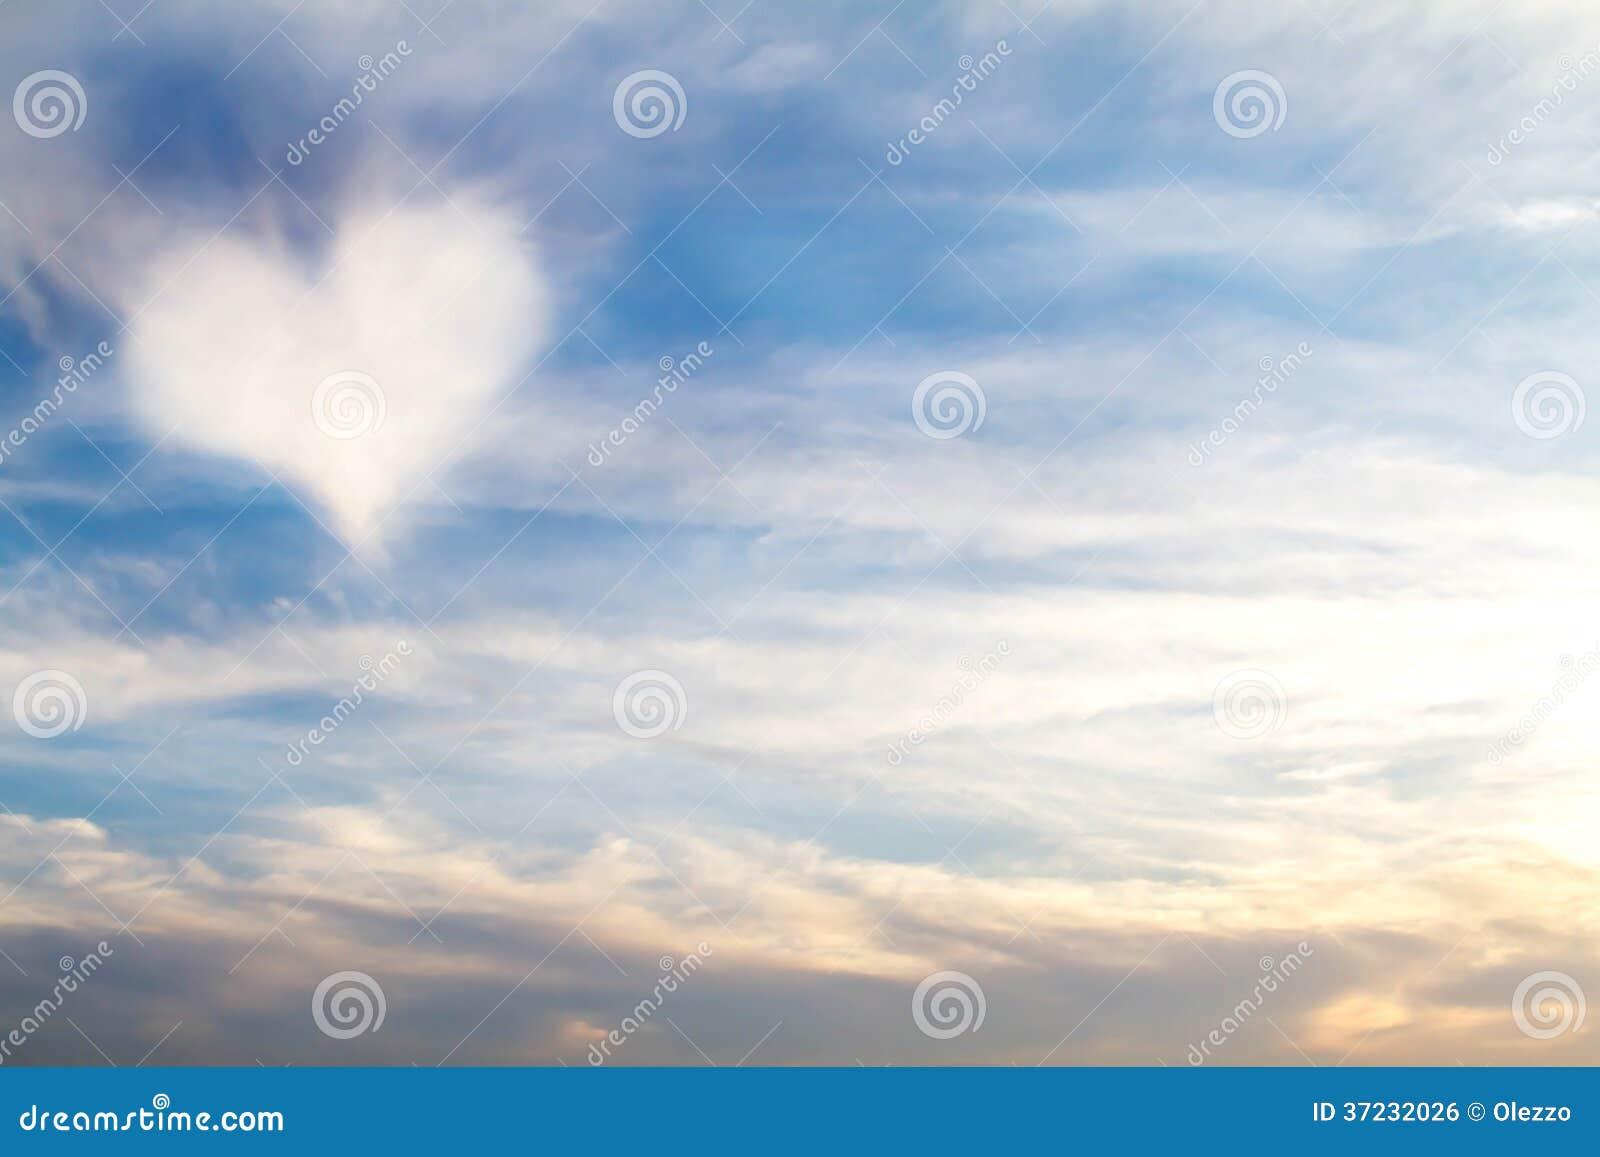 Nube en forma de corazón en el cielo